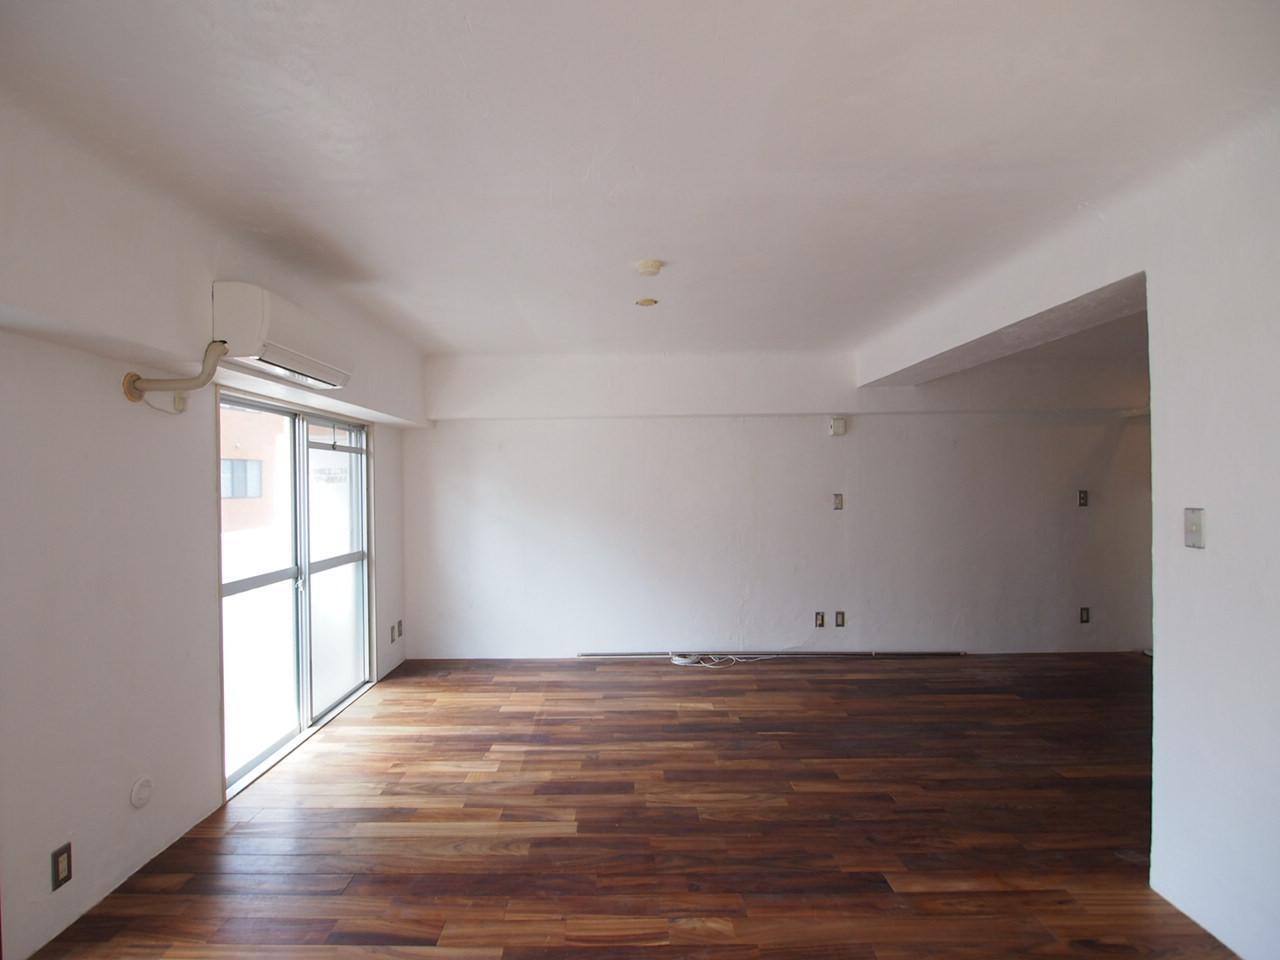 漆喰のホワイトとブラックローズの無垢床がいい塩梅